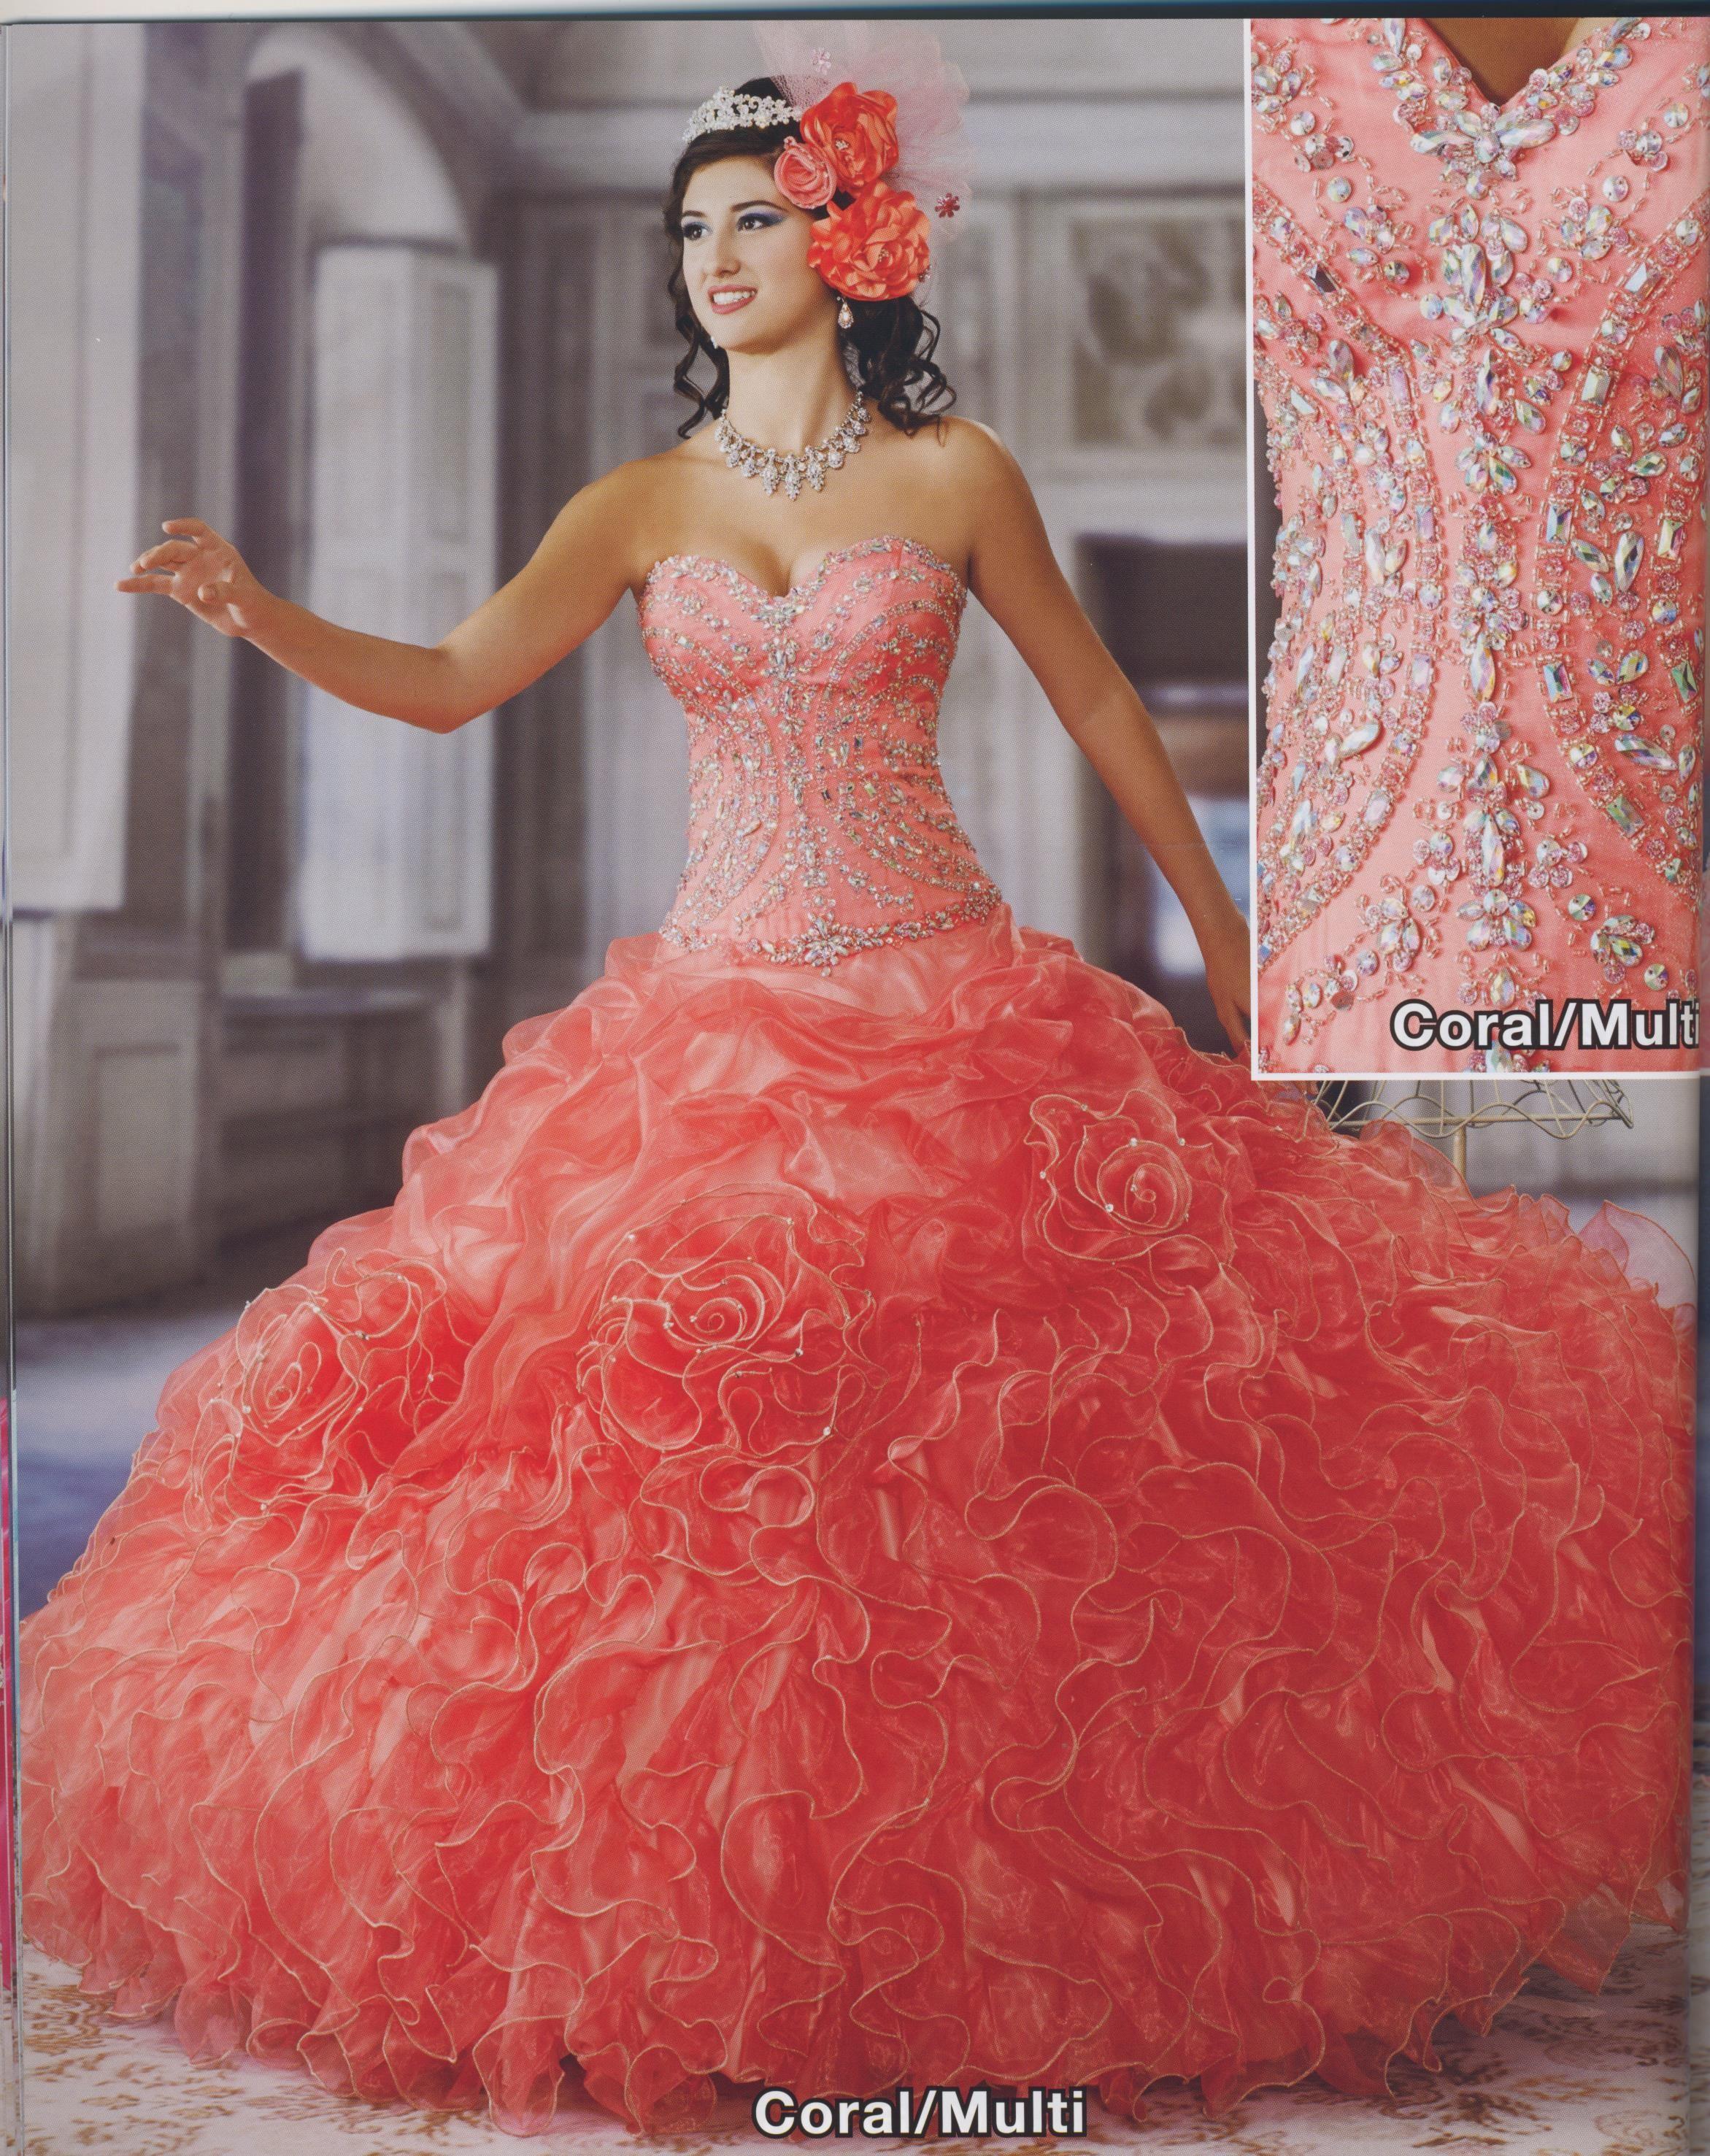 Princess Collection/ Coral Multi, Aqua Multi, White Multi